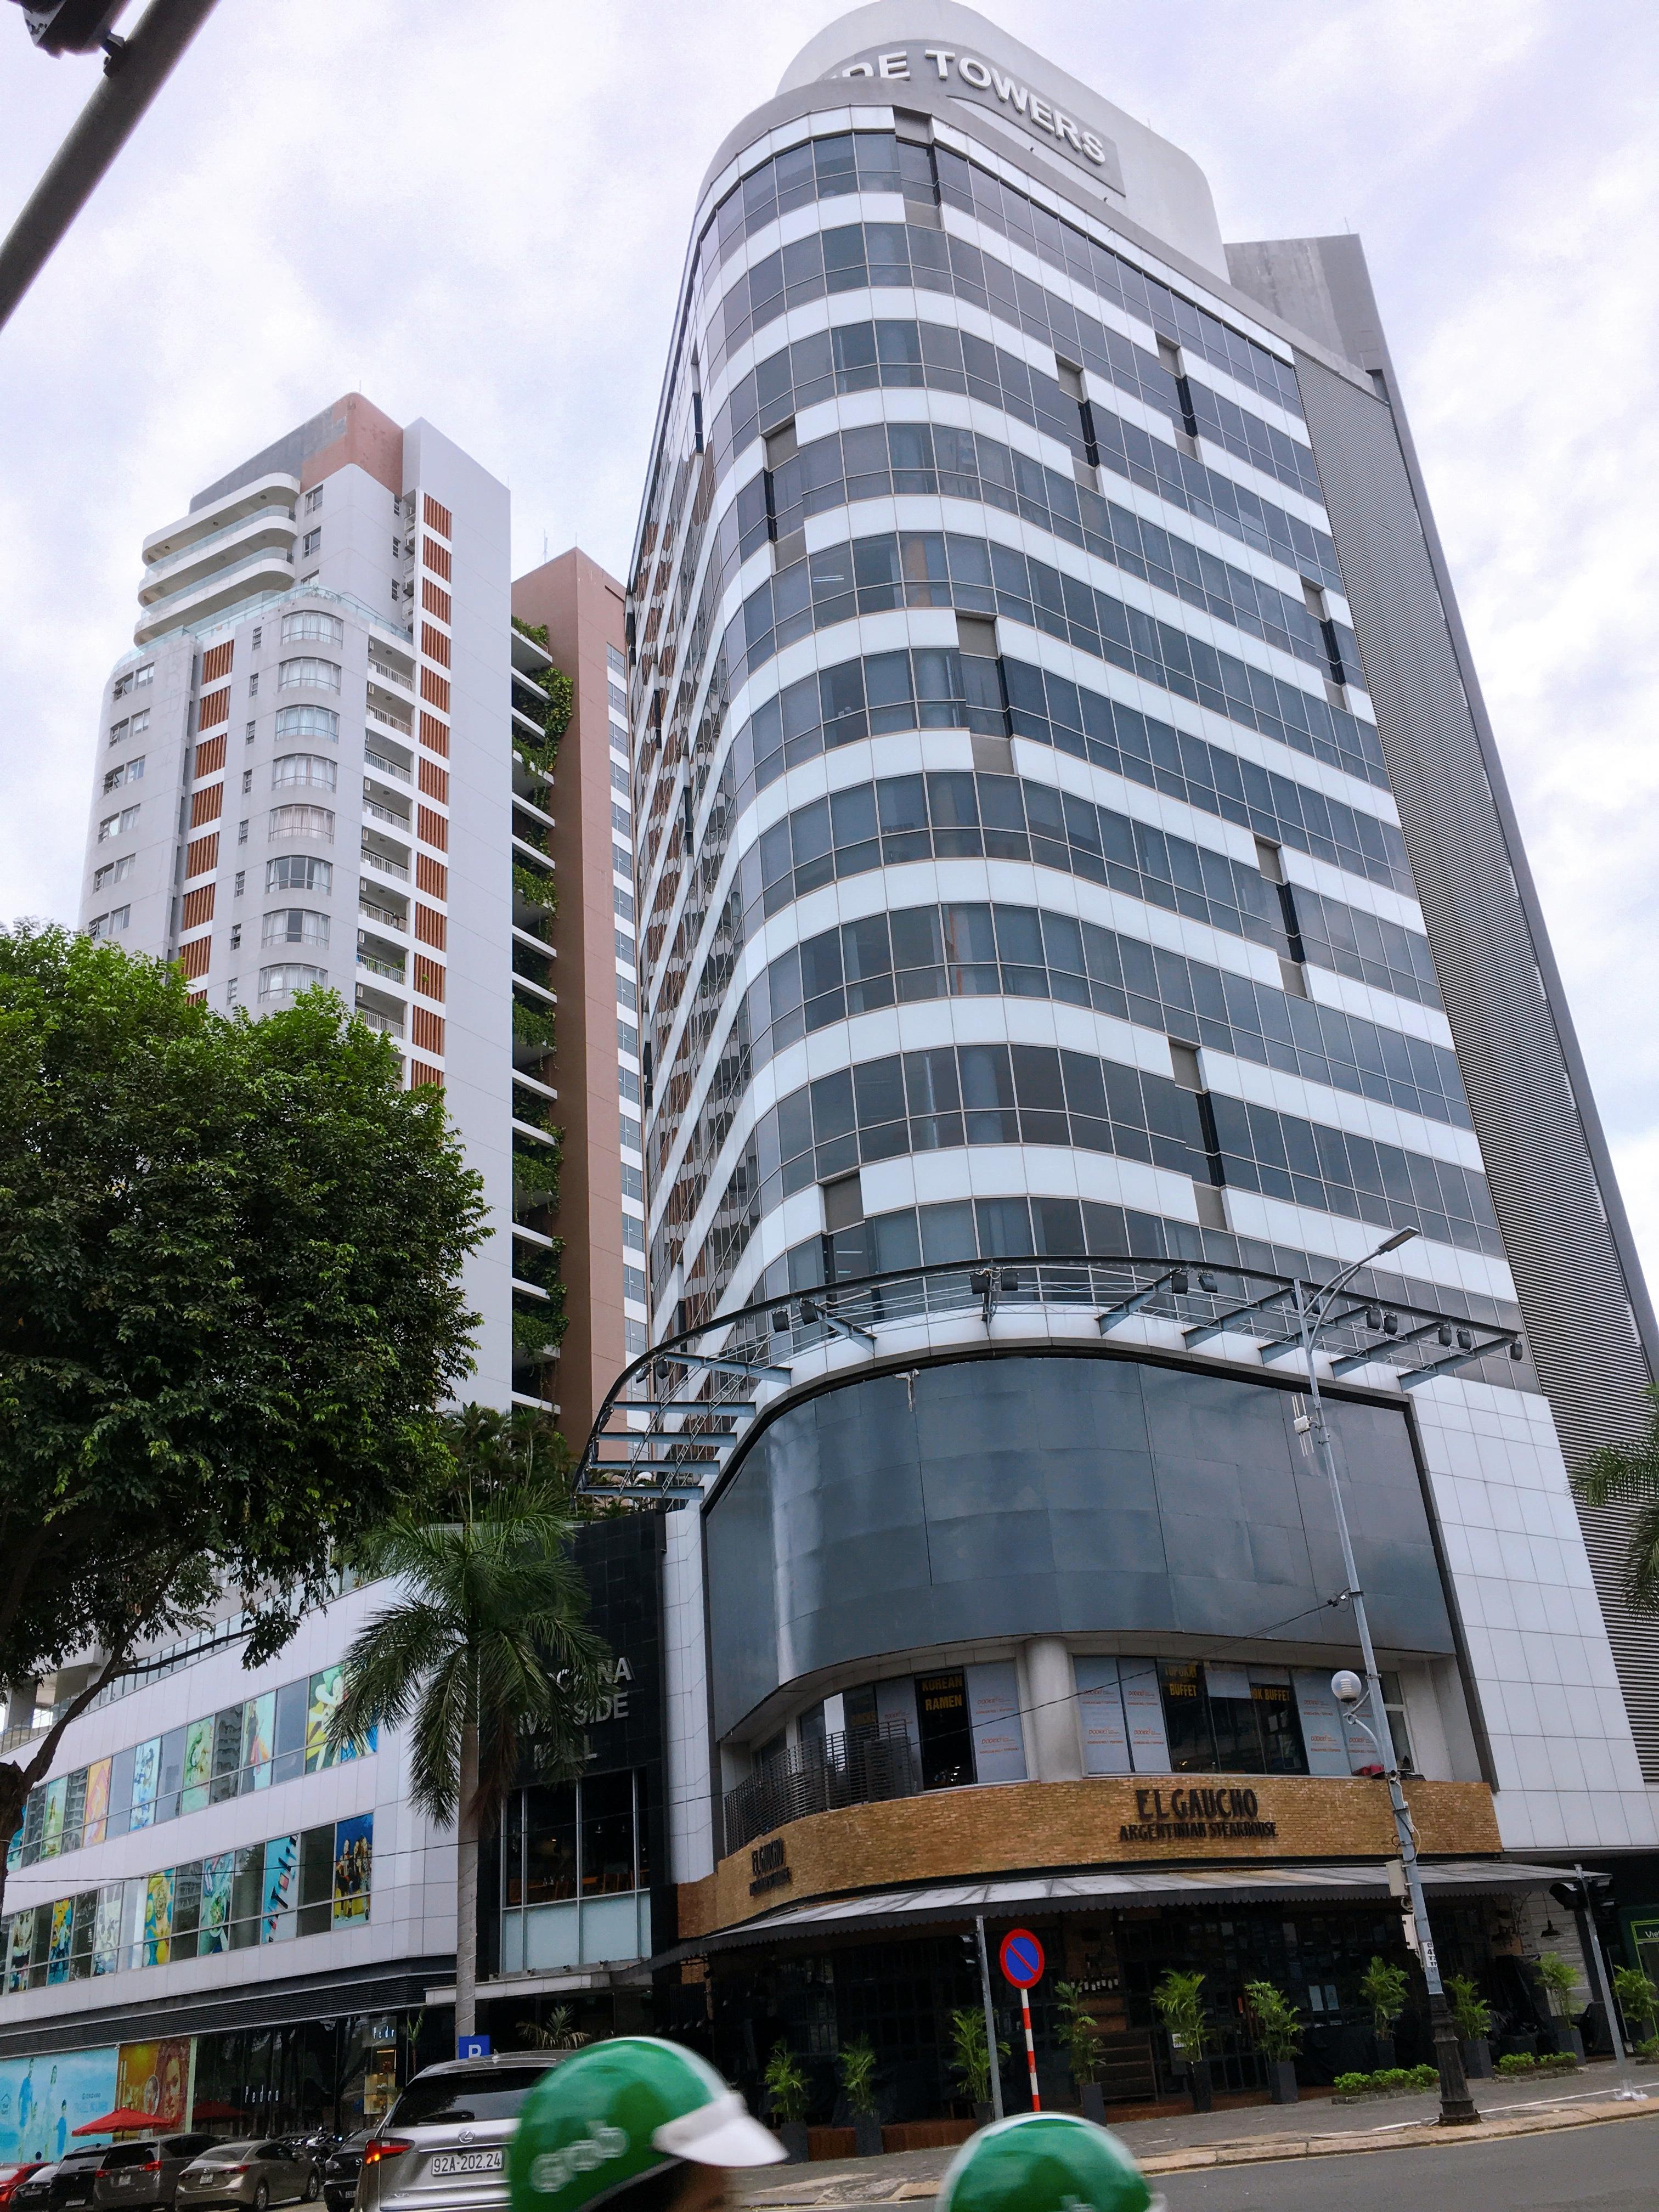 Những tòa nhà văn phòng cho thuê hái ra tiền ở Đà Nẵng bất chấp dịch COVID-19 - Ảnh 3.